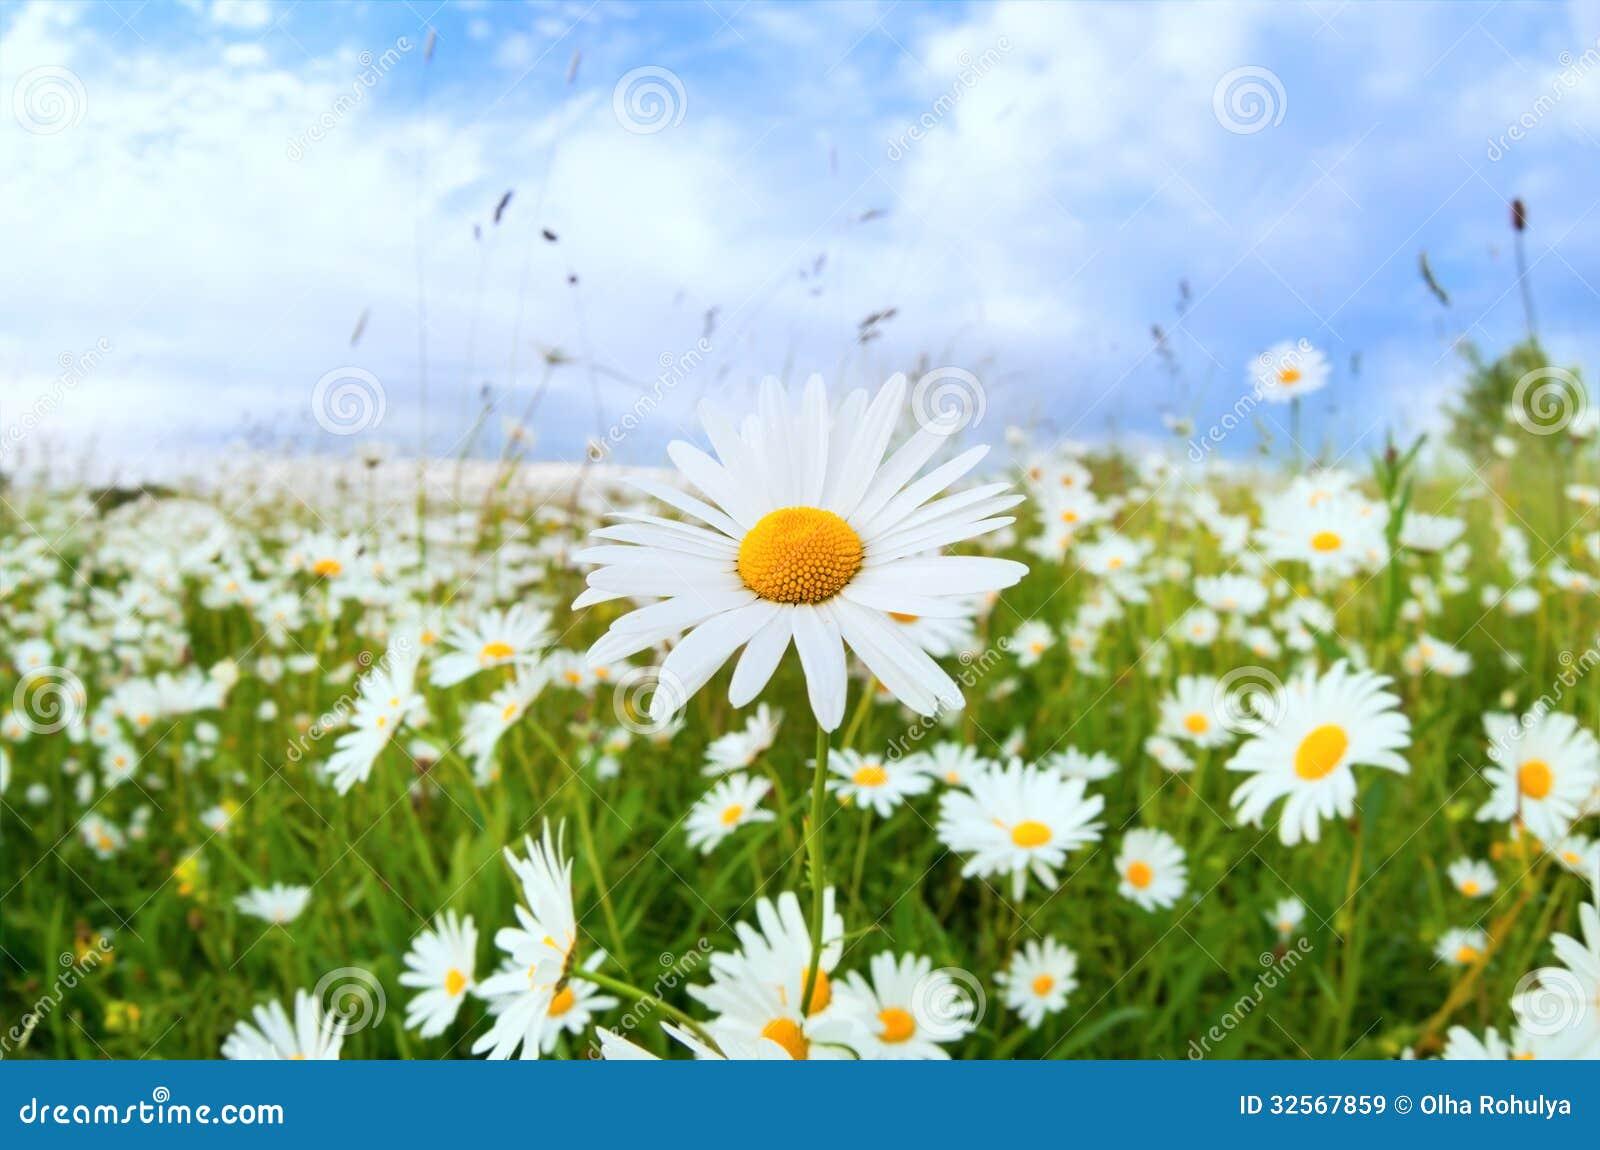 daisy field mountain sky - photo #9